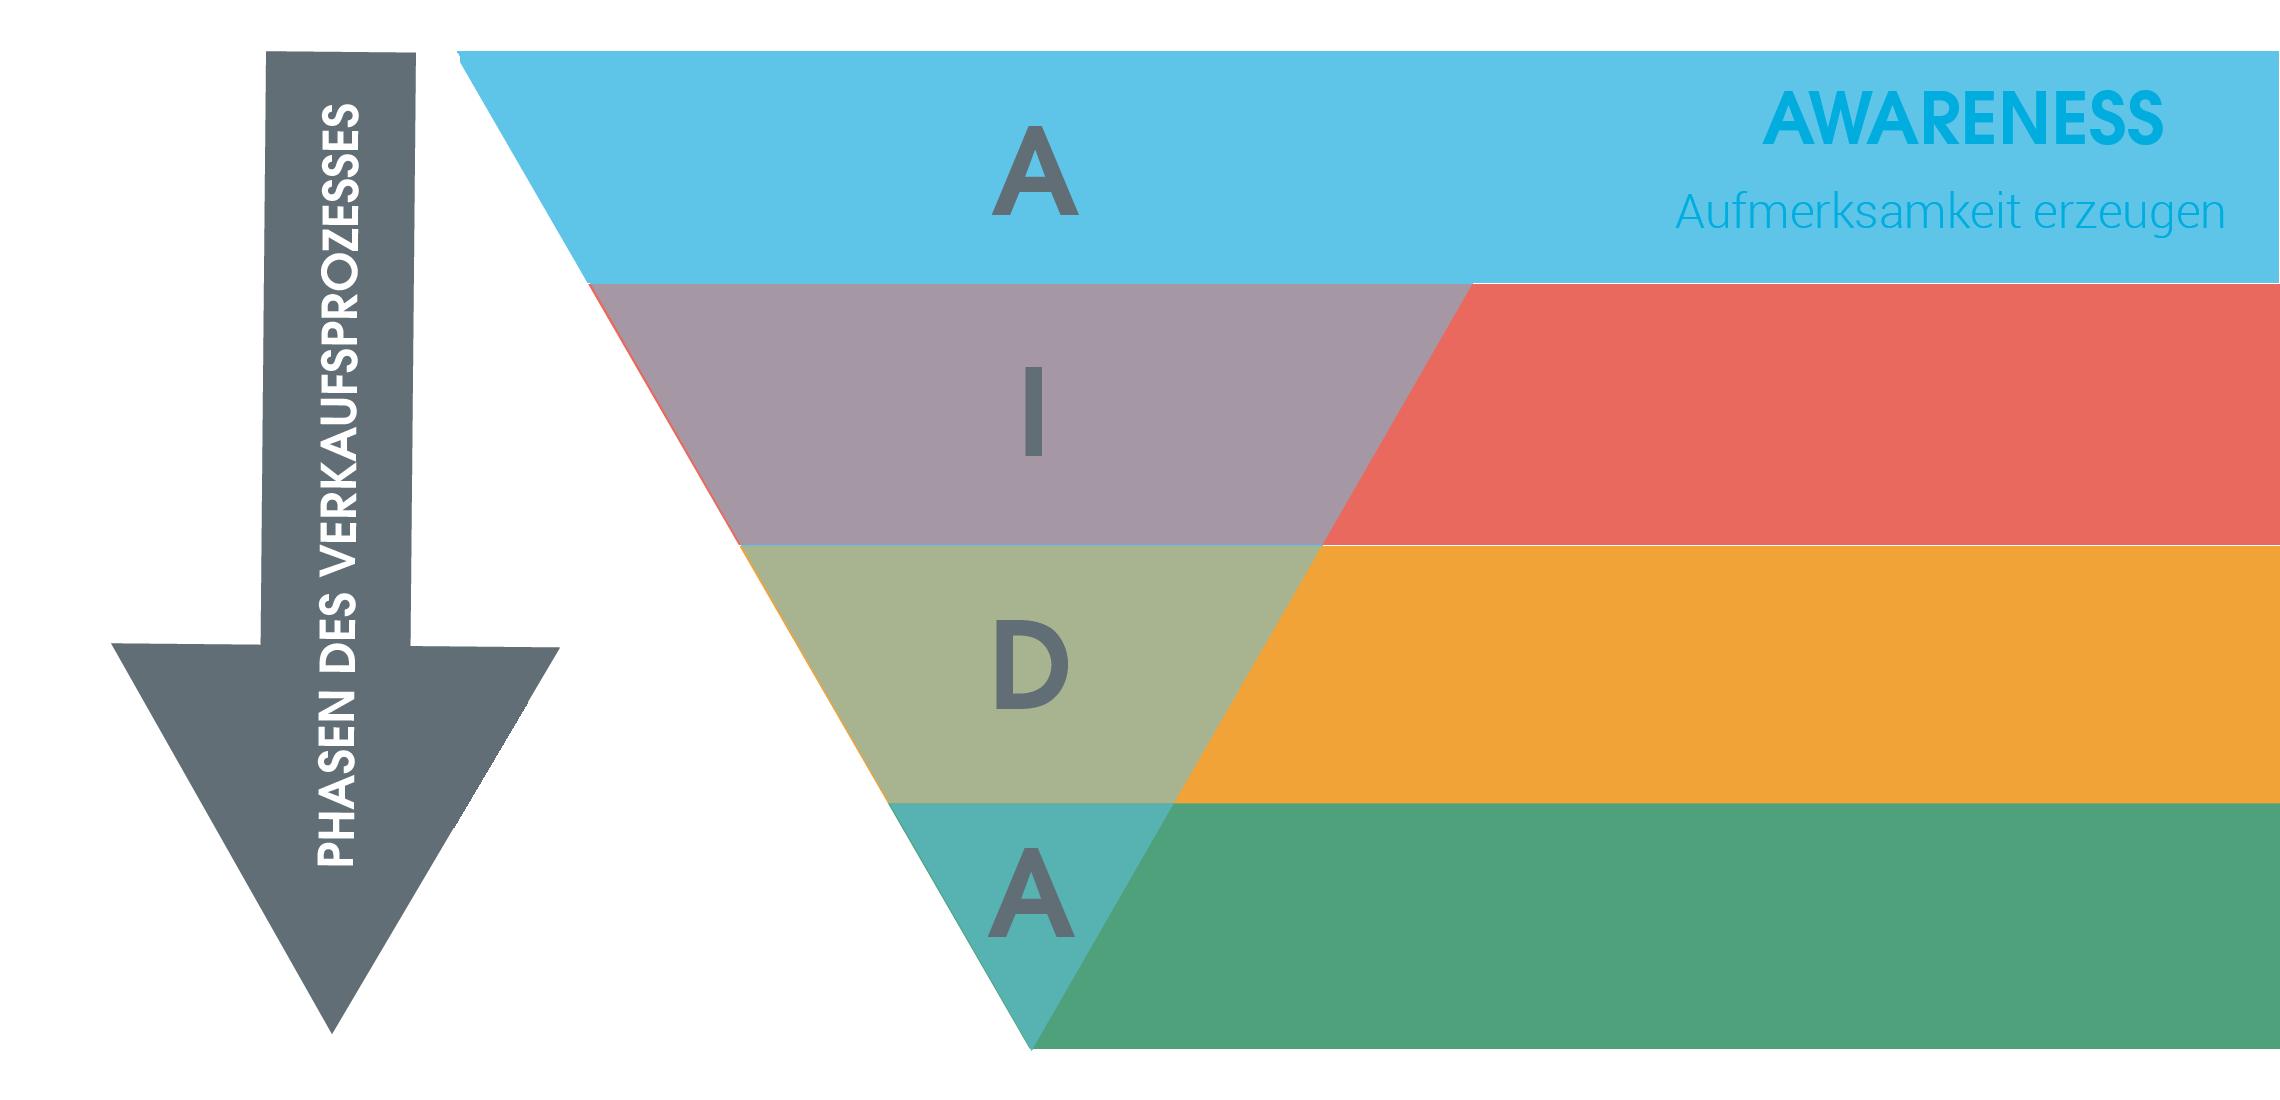 Die einzelnen Phasen des Verkaufsprozesses, dargestellt im AIDA-Modell. Die Phasen beinhalten dabei folgende Schritte: 1. Awareness –Aufmerksamkeit erzeugen 2. Interest –Interesse wecken 3. Desire –Begehrlichkeit auslösen 4. Action –Handlung aufrufen